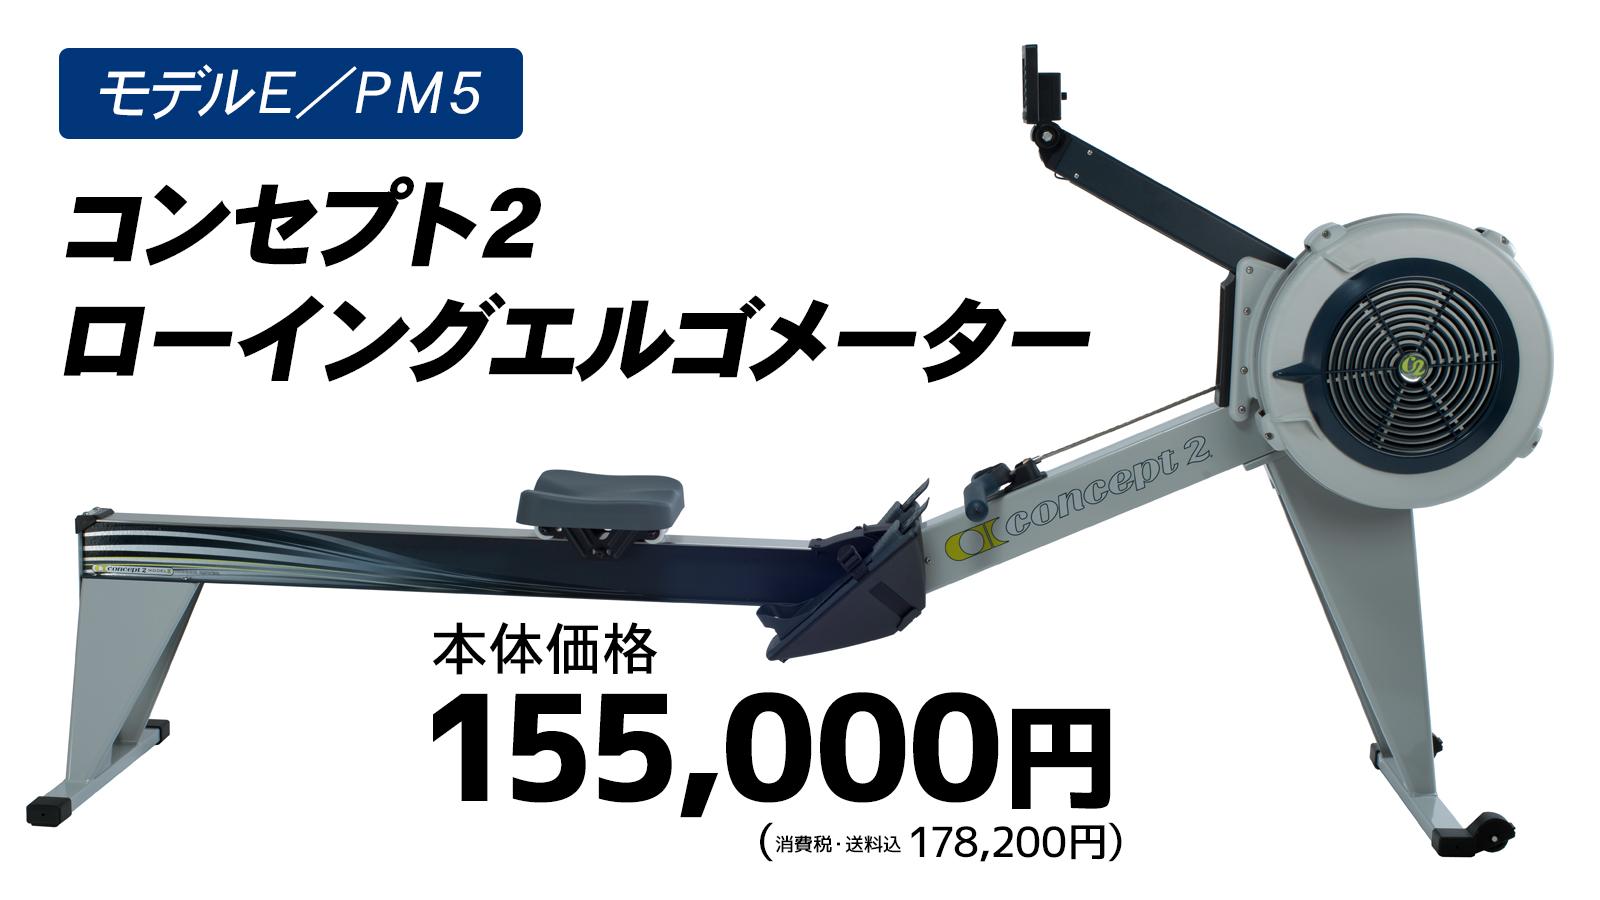 コンセプト2ローイングエルゴメーターモデルE/PM5